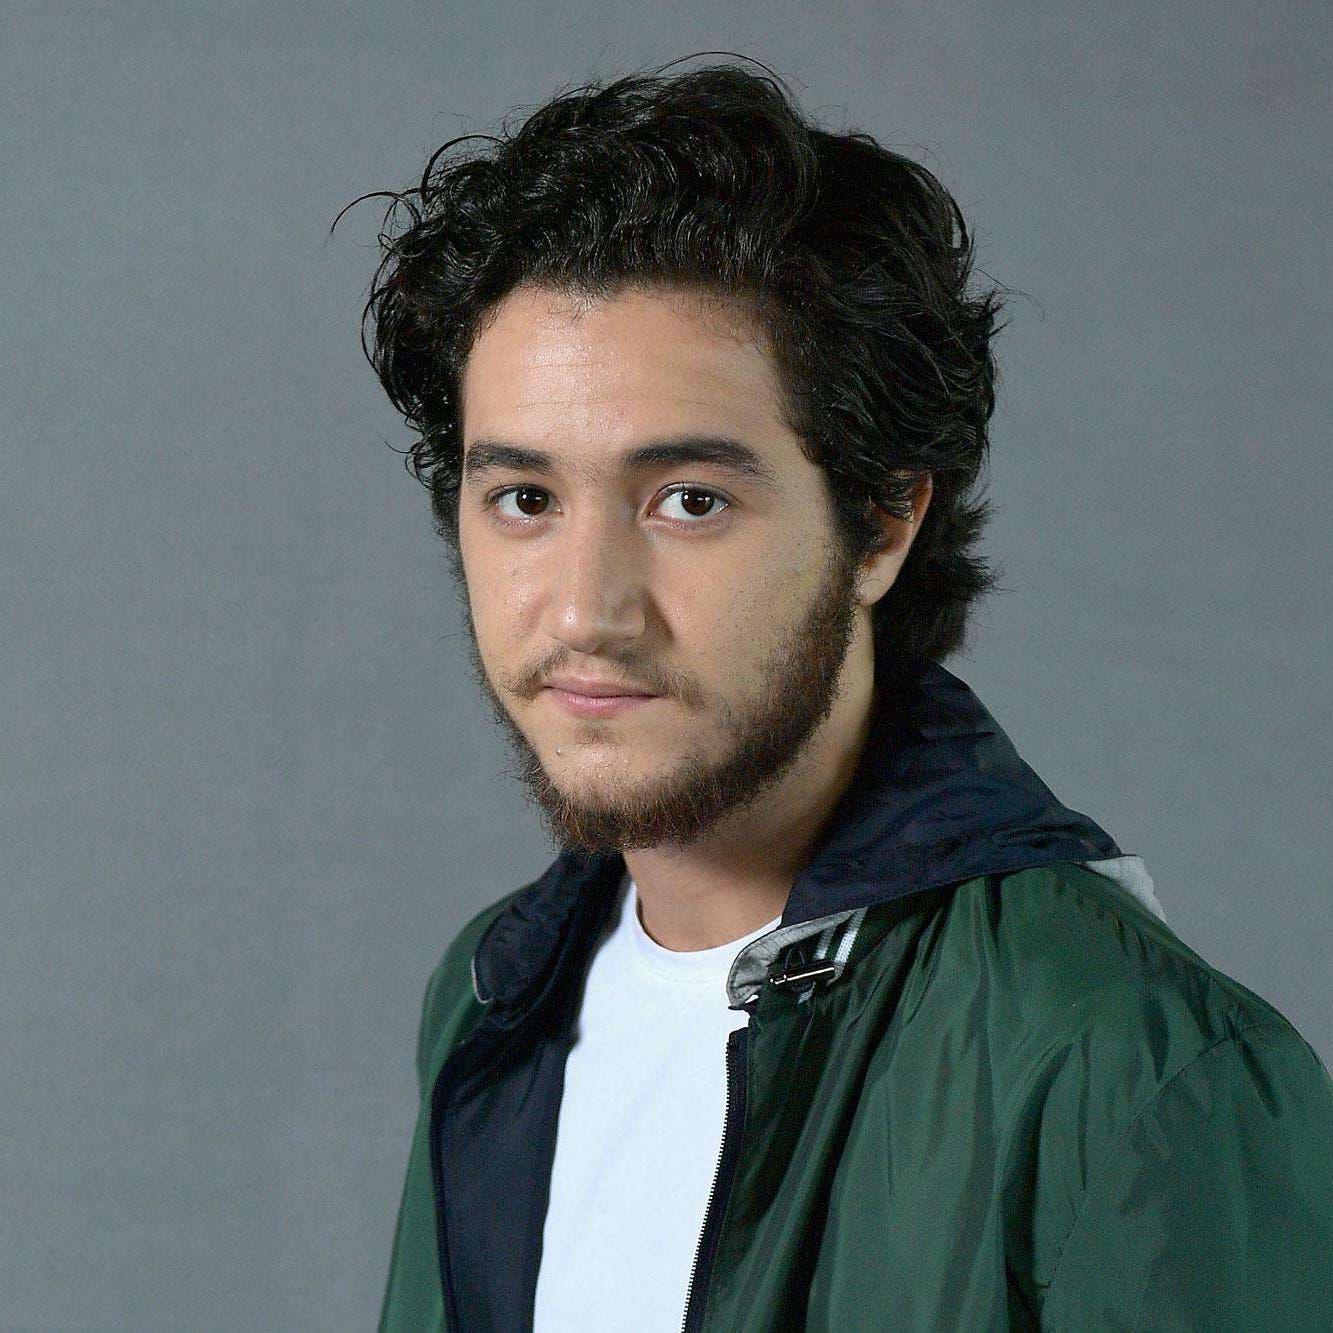 """أحمد مالك للعربية.نت: العالمية حلمي.. وتحدثت 3 لغات لأجل """"حارس الذهب"""""""